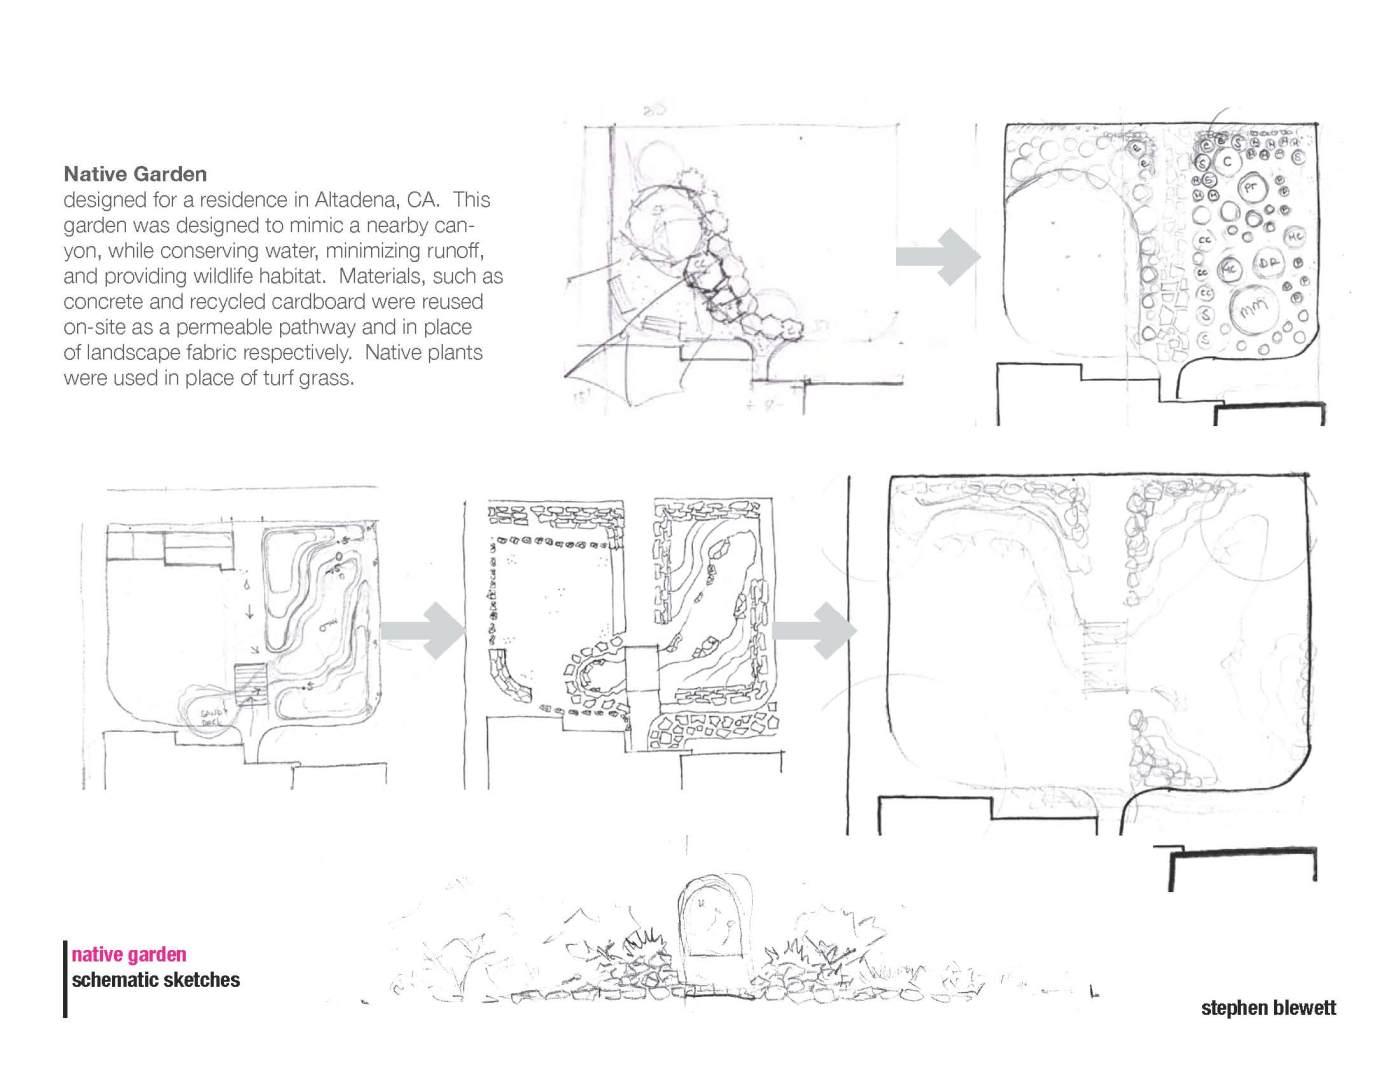 Native Garden Pt1 Land8 Schematic Sblewett P72610 Web2 Page 16 17 18